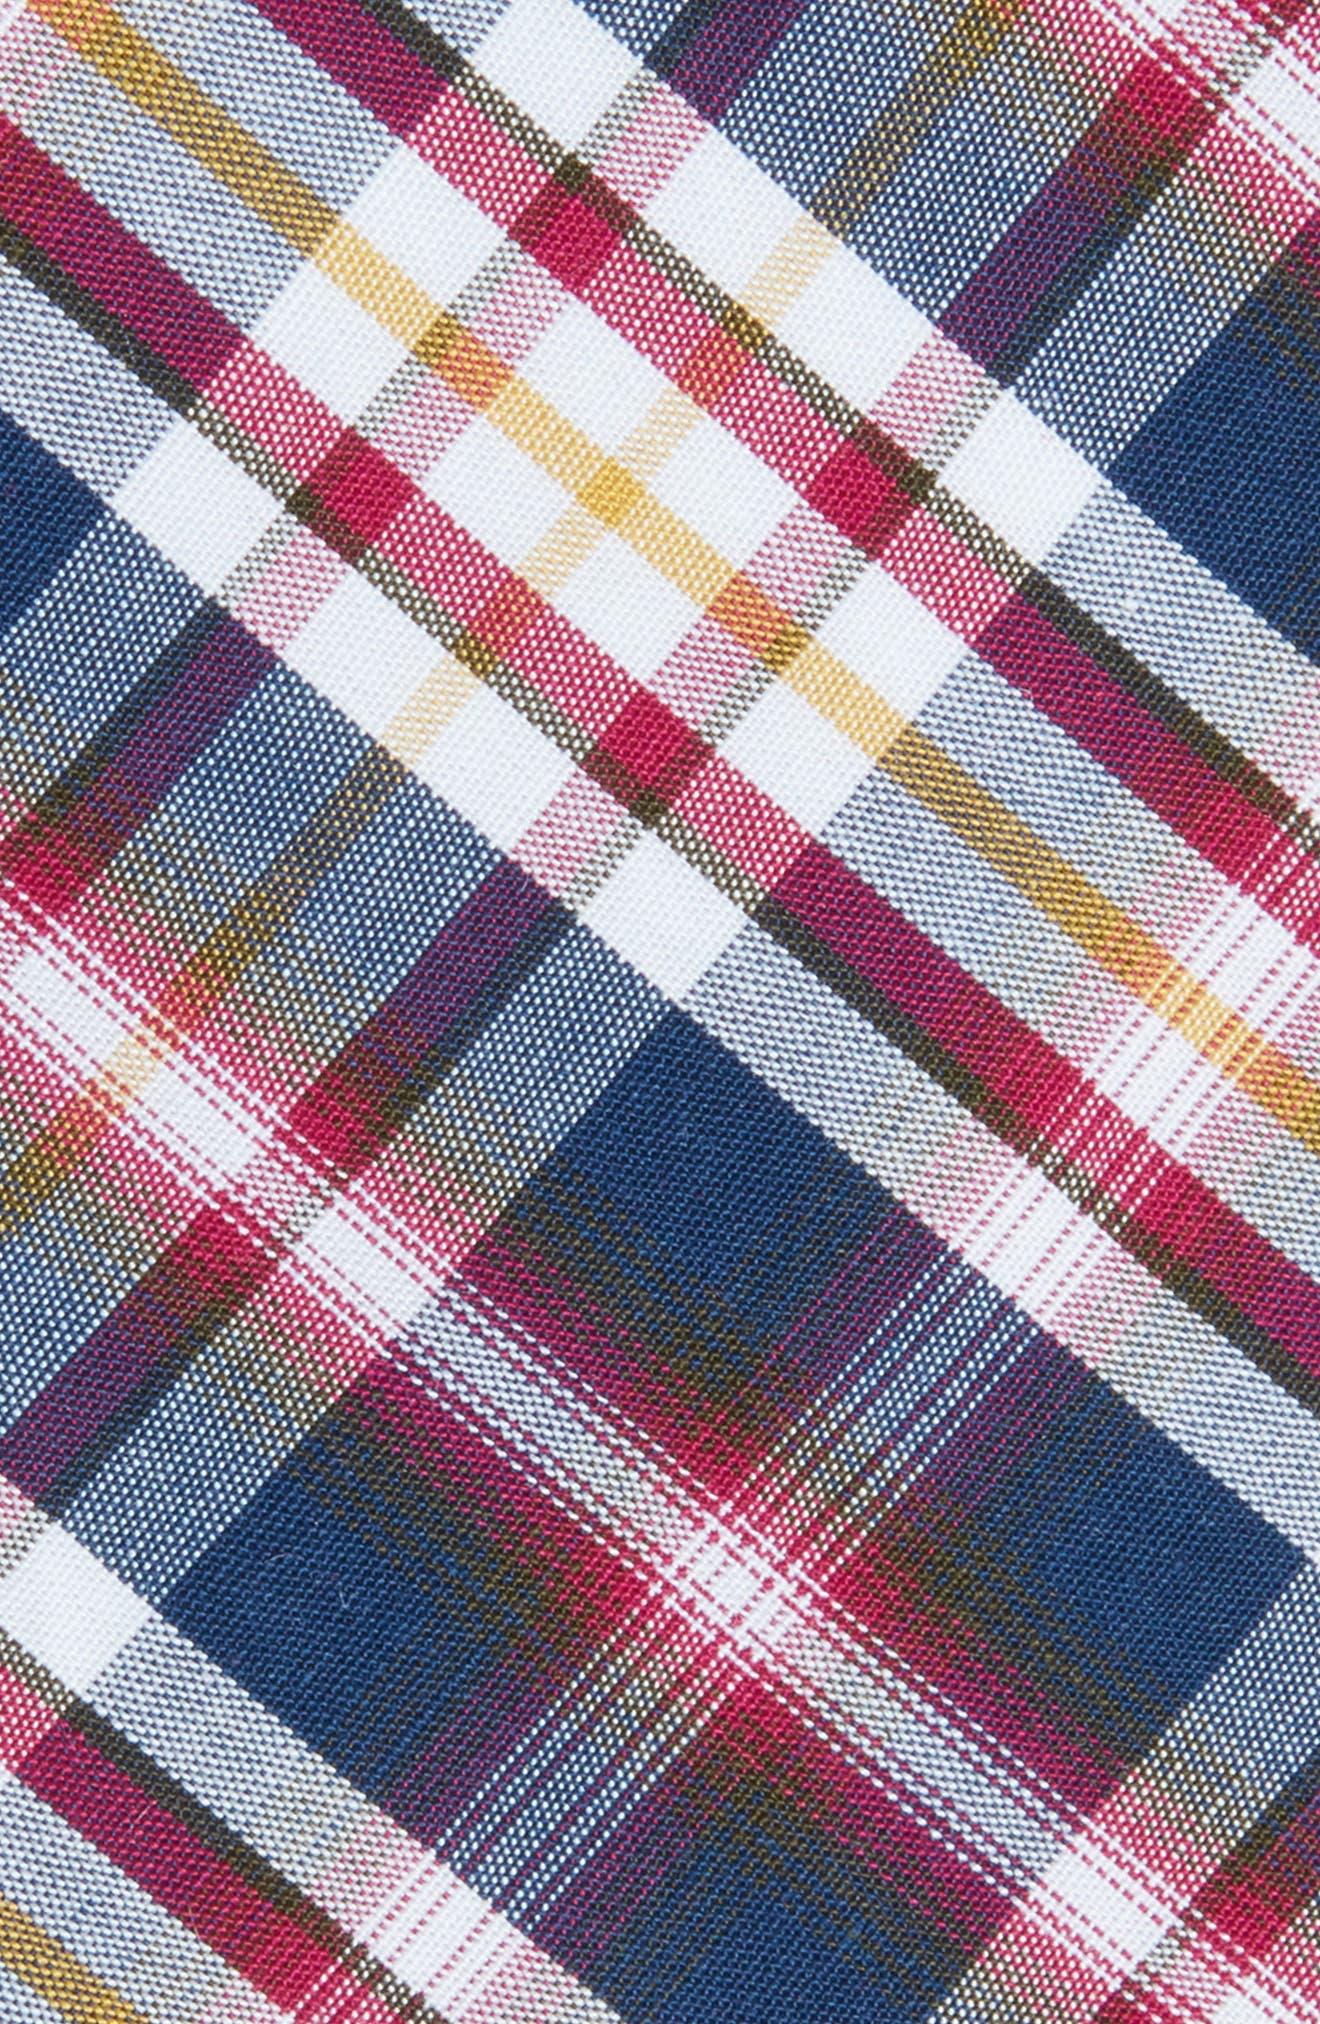 Bridgers Plaid Tie,                             Alternate thumbnail 2, color,                             510